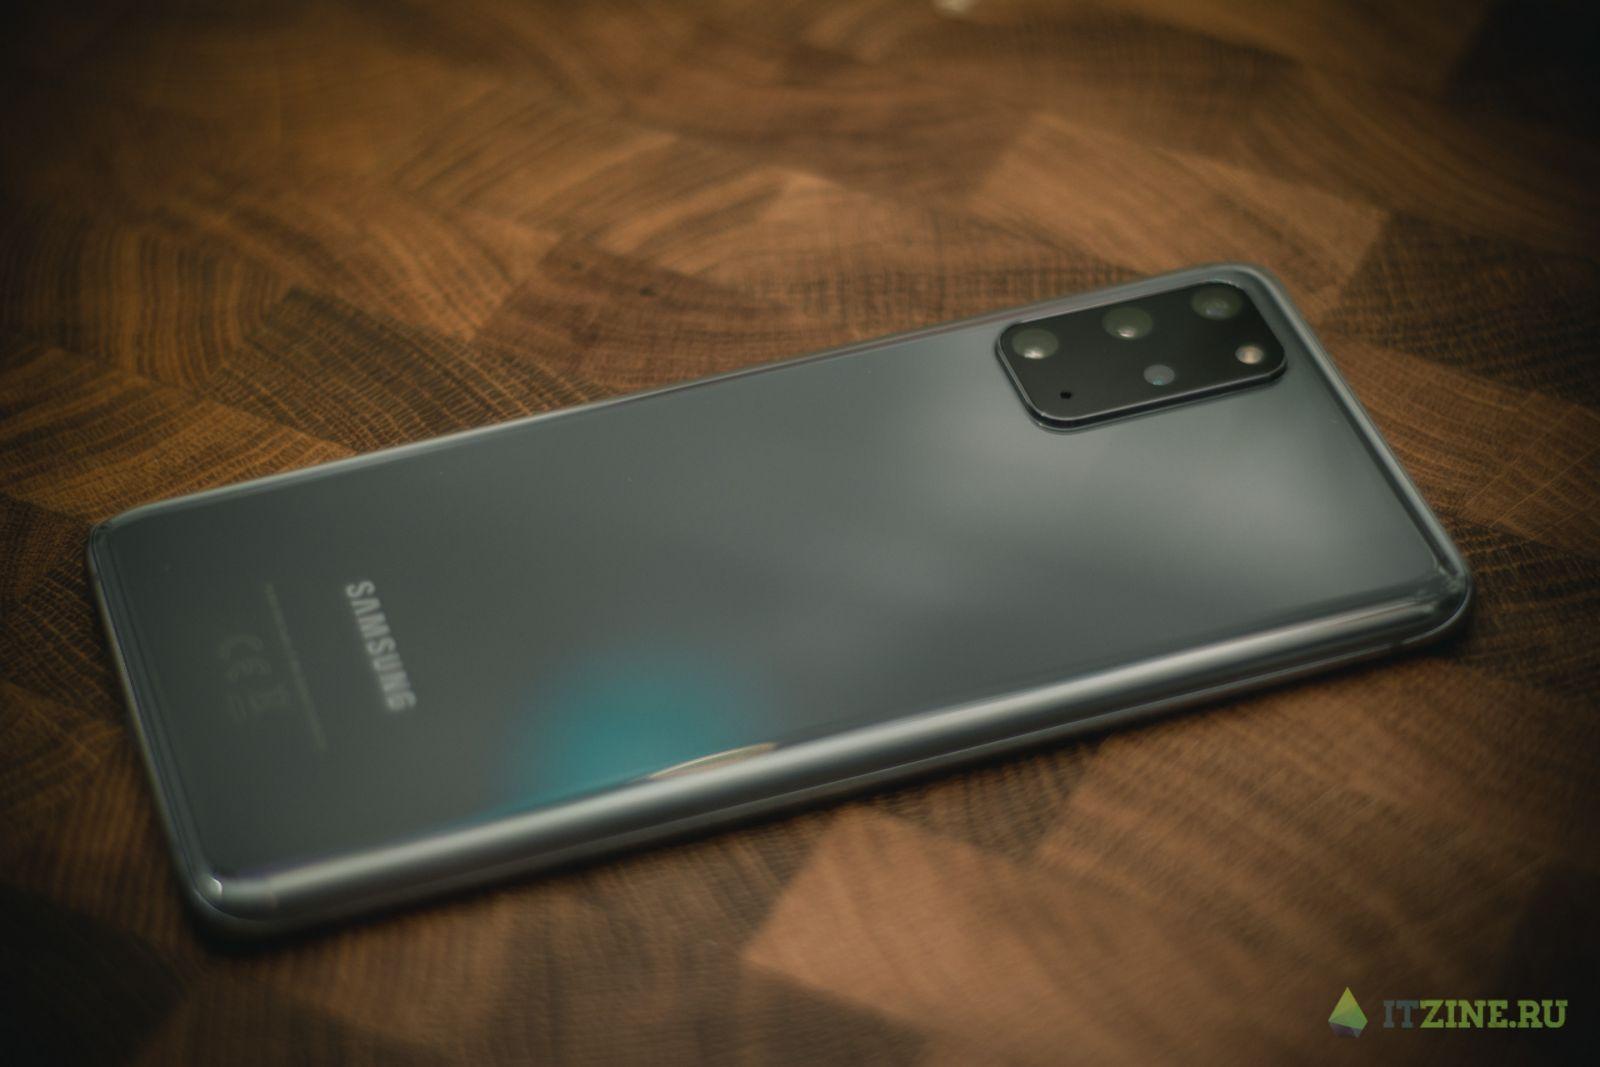 Премиум без изъянов. Обзор смартфона Samsung Galaxy S20+ (dsc 8632)